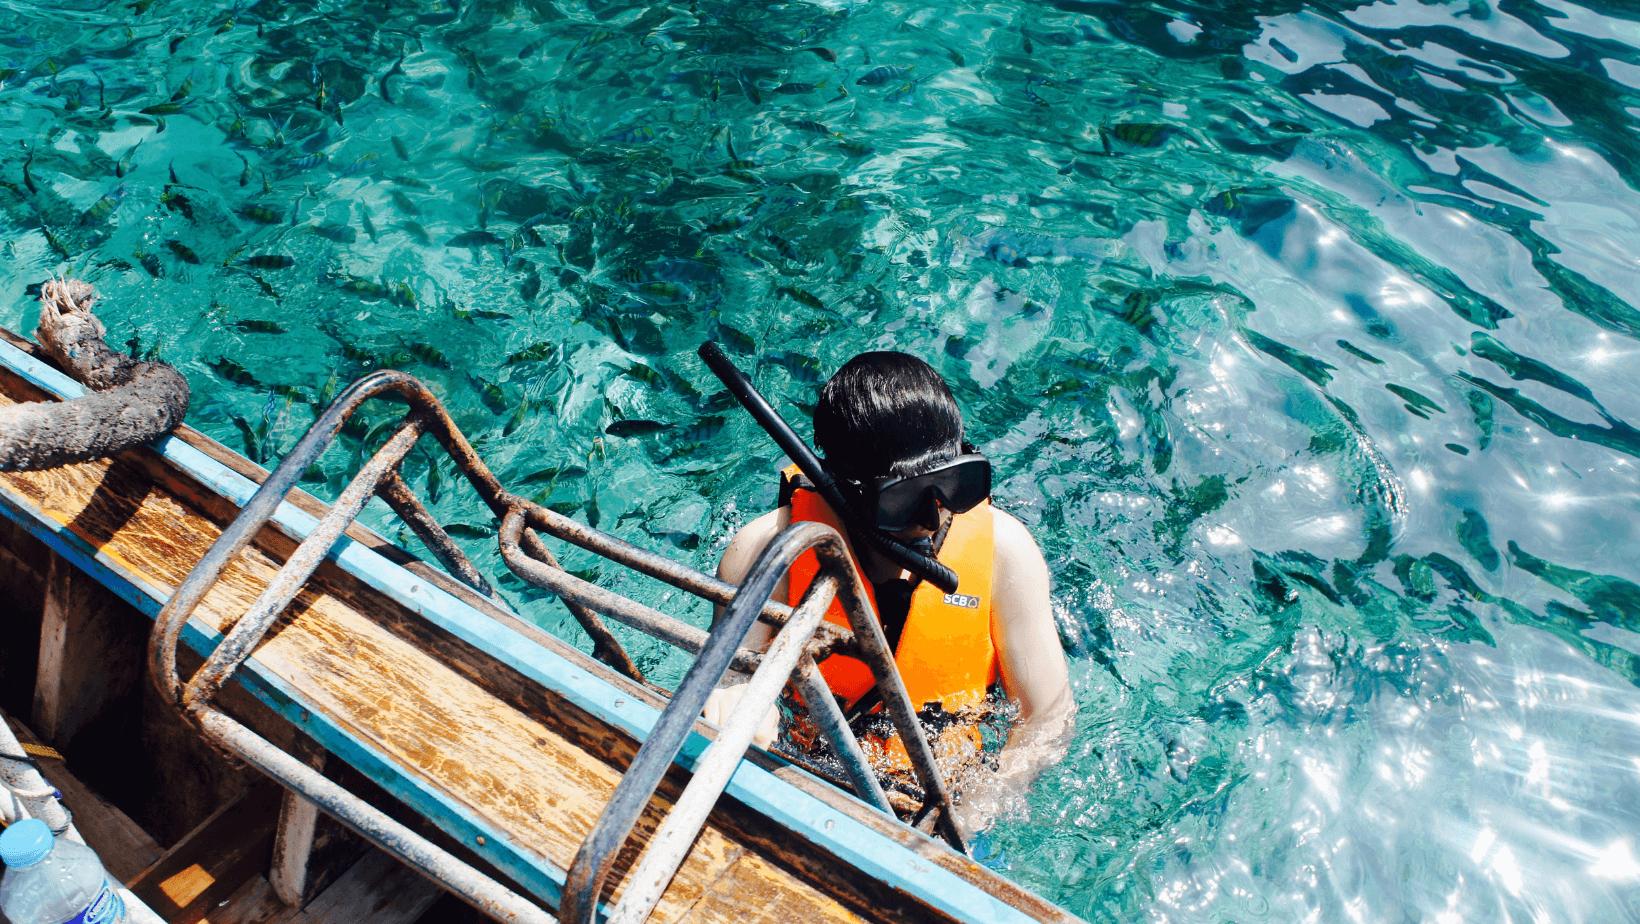 Best Snorkel Gear & Sets